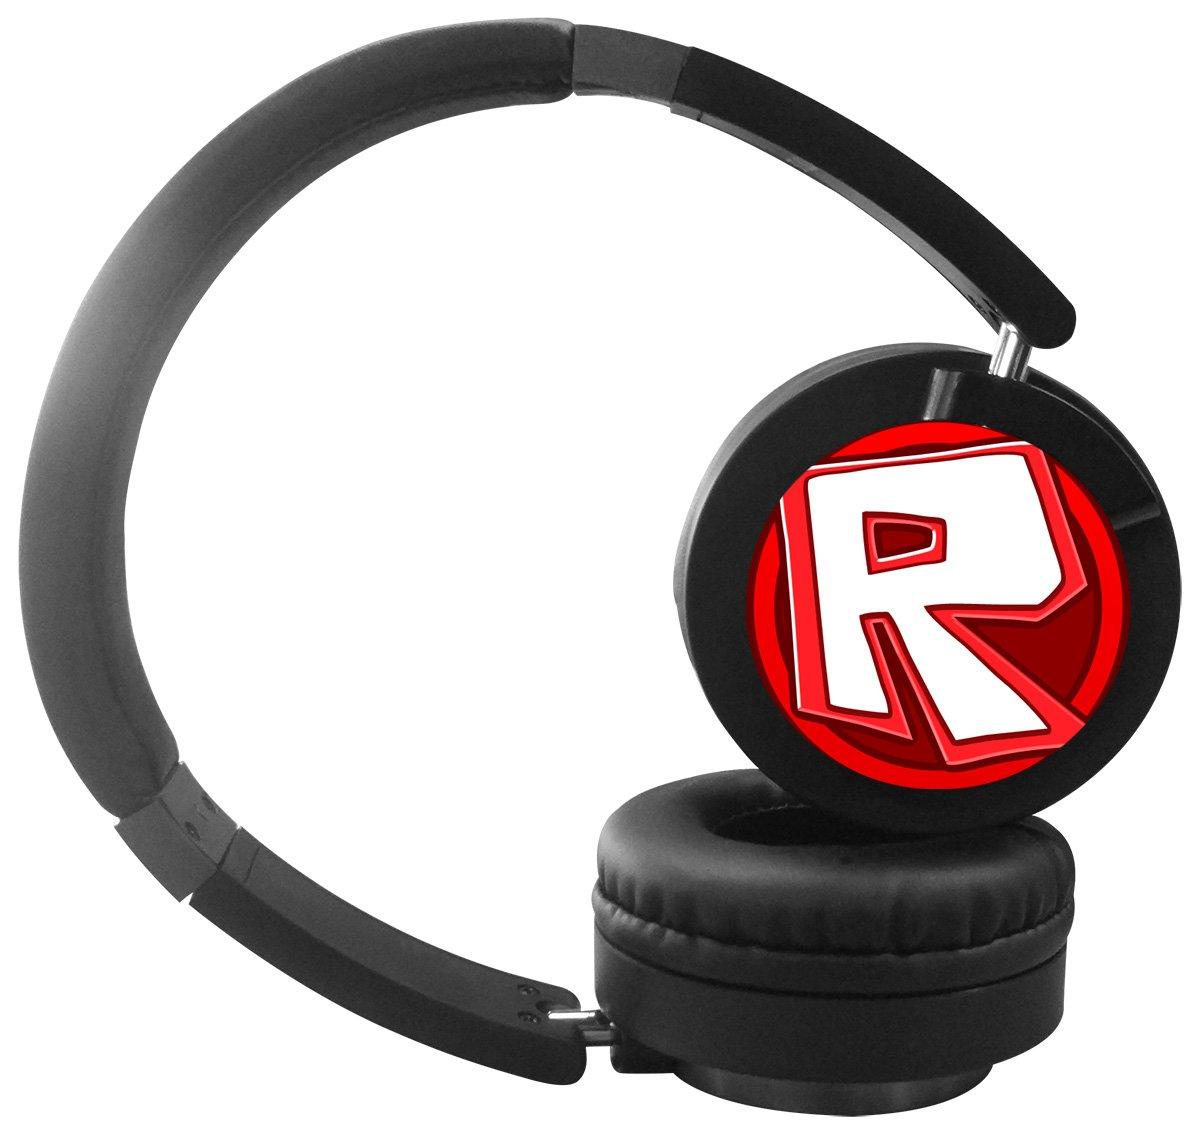 PiHuang-99 Roblox R Logo Bluetooth Headphones Over Ear, Hi